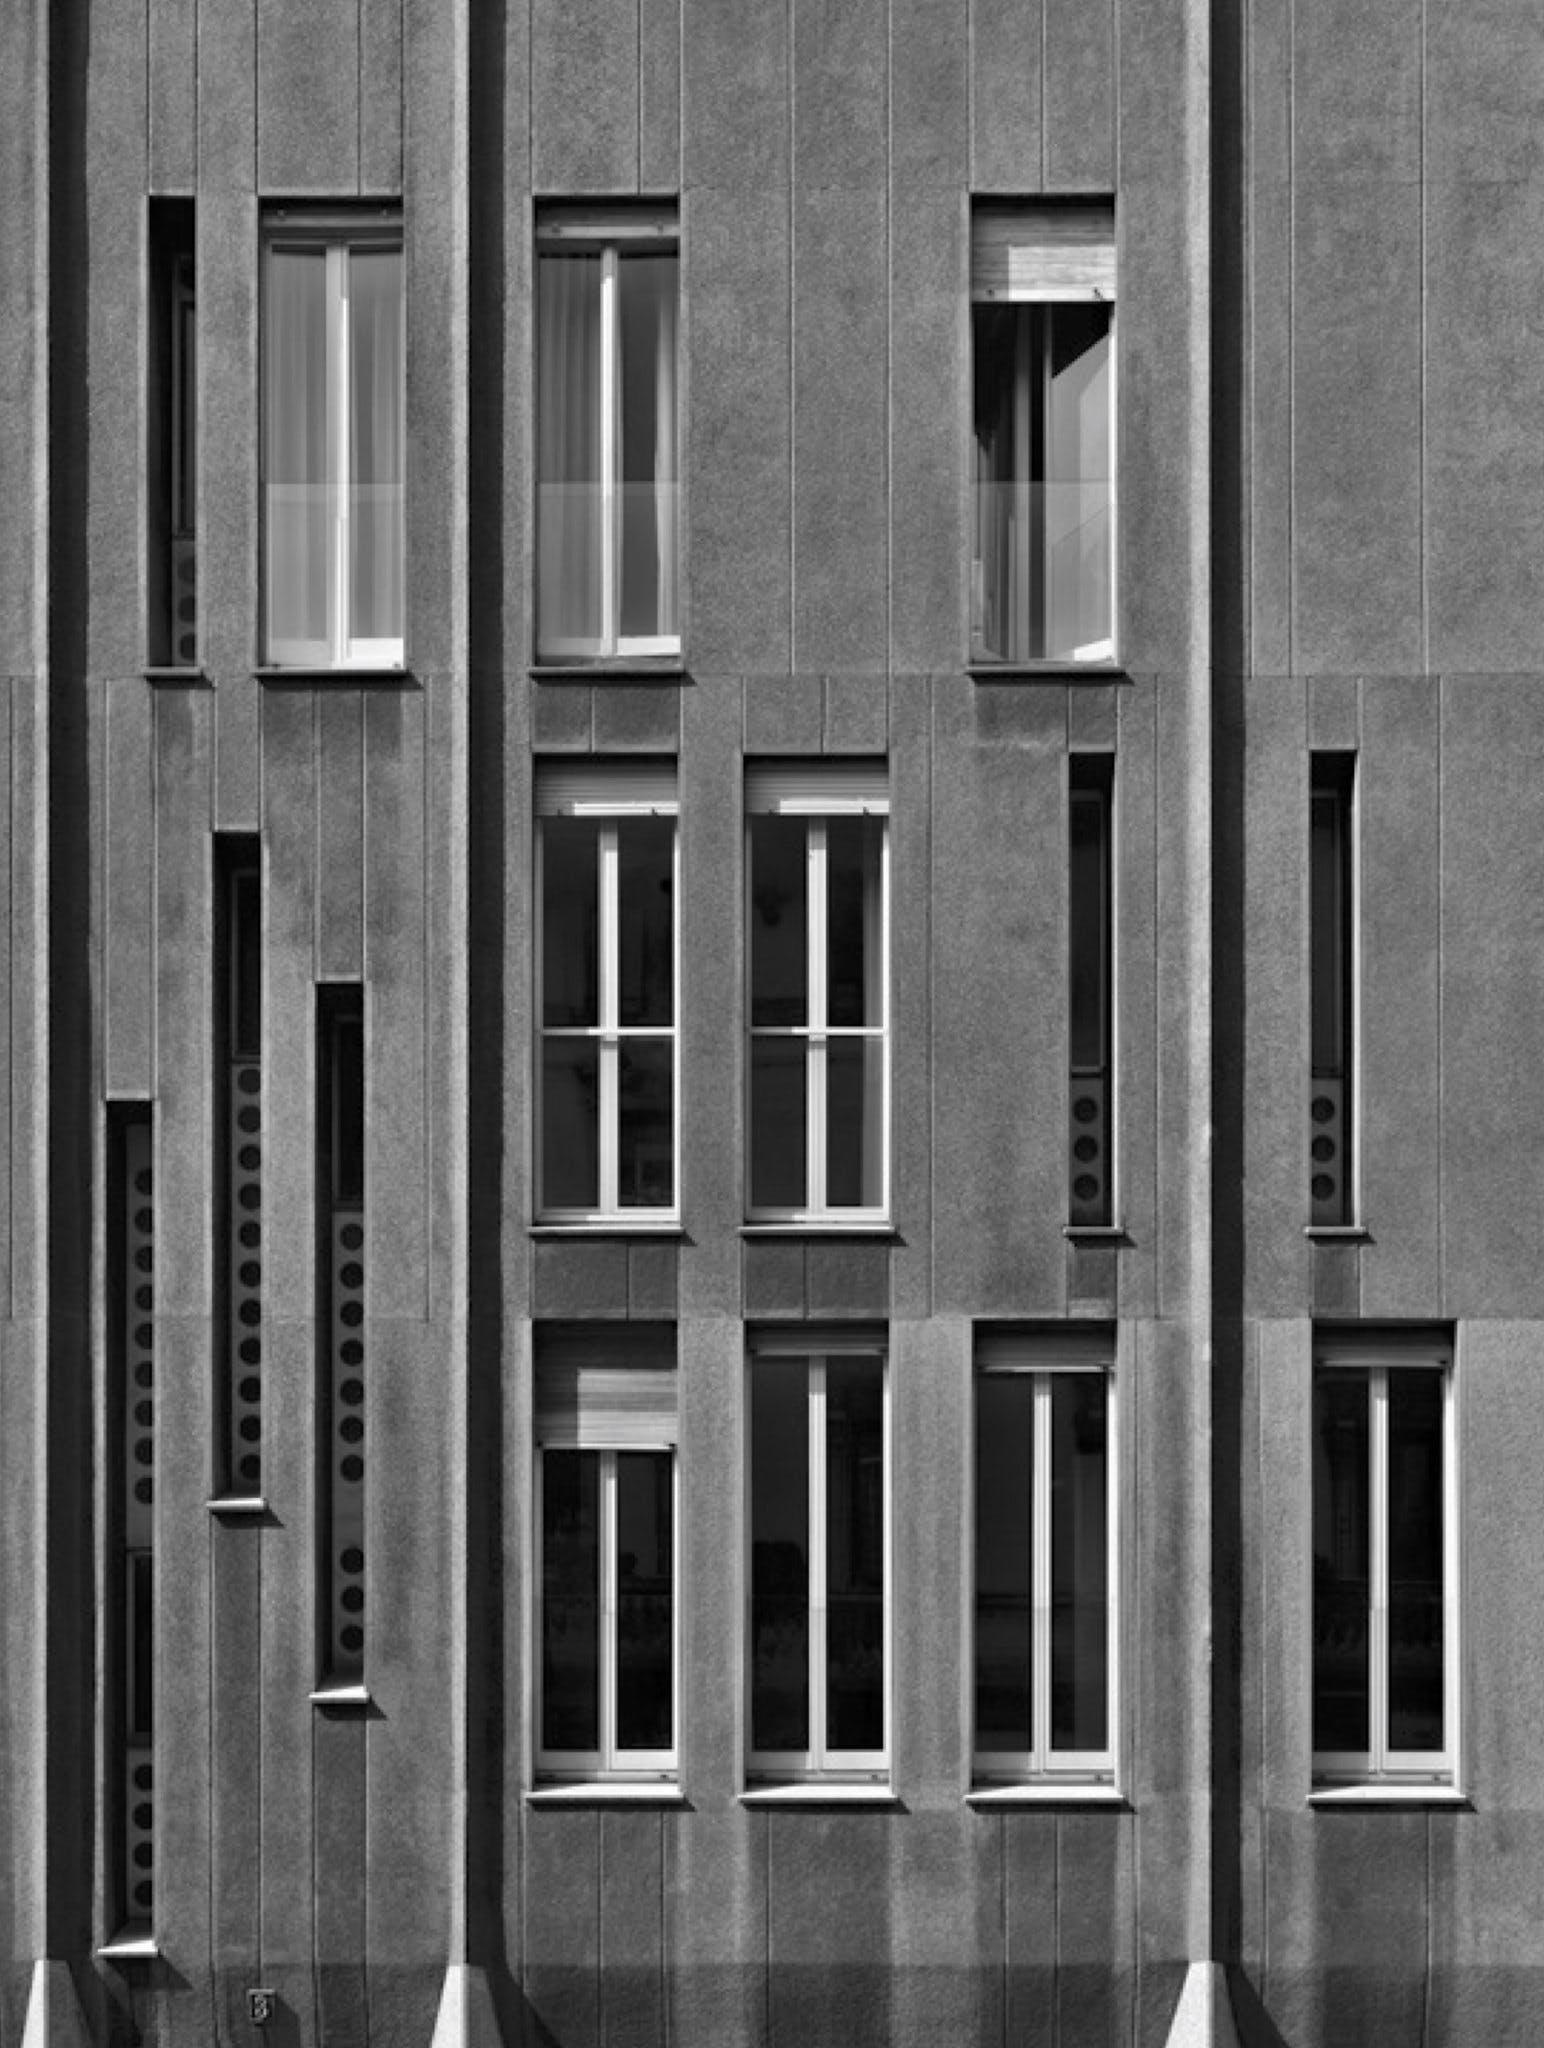 Vico Magistretti, edificio residenziale, Via San Gregorio, Milano © Flickr